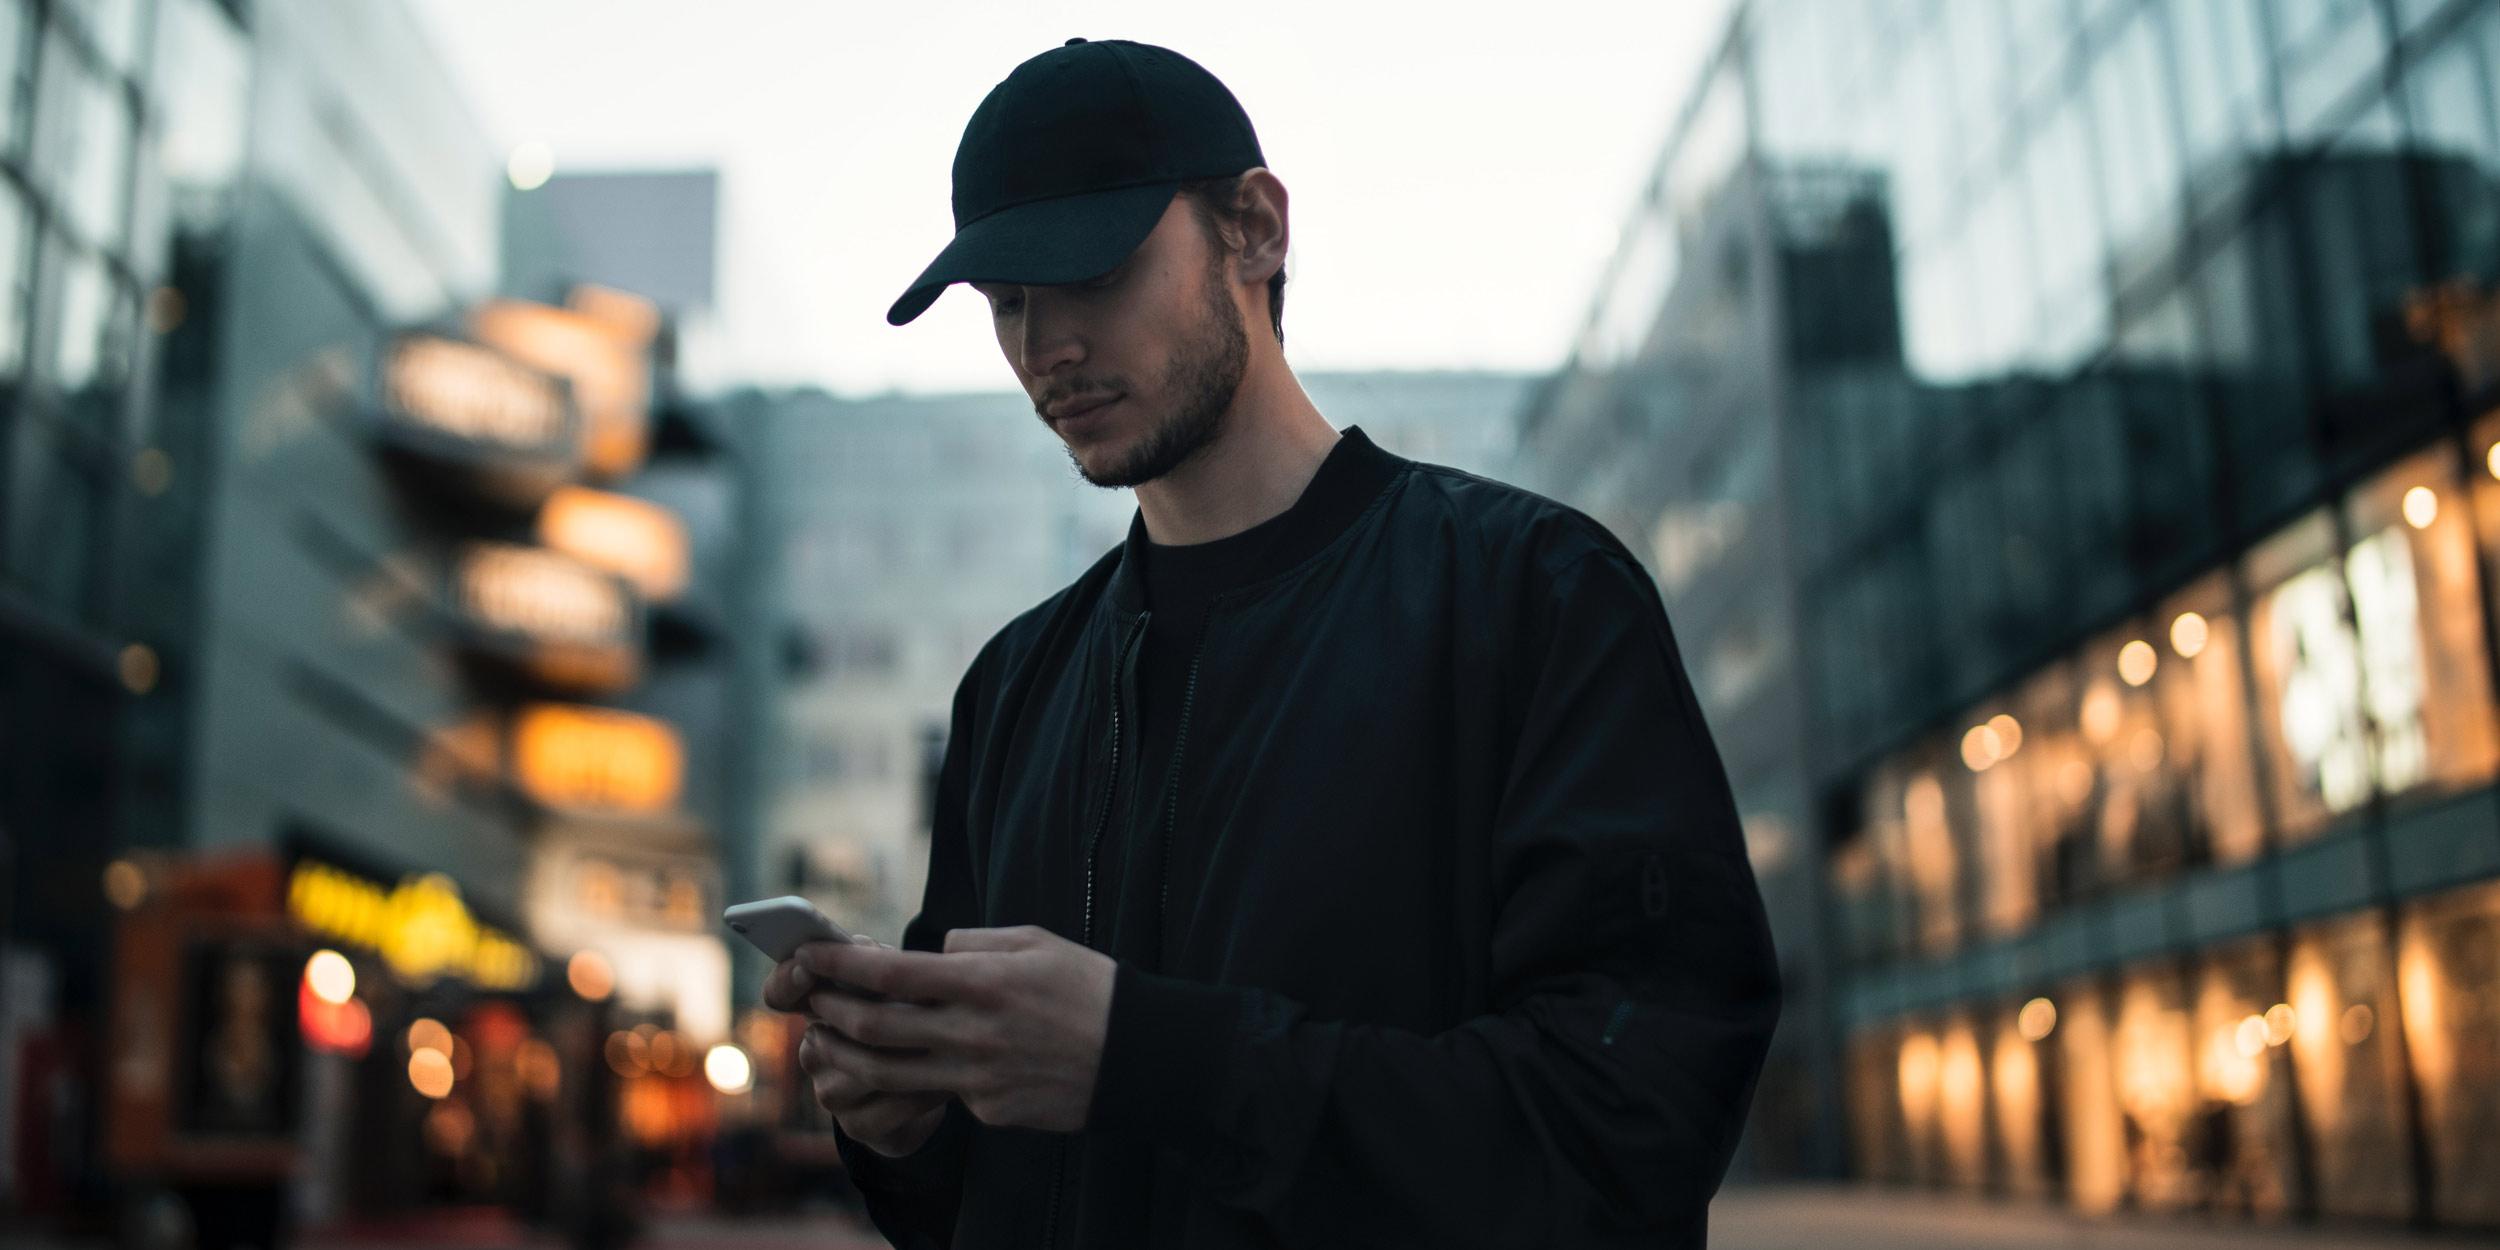 Le swipe up sur Instagram : pourquoi et comment le faire